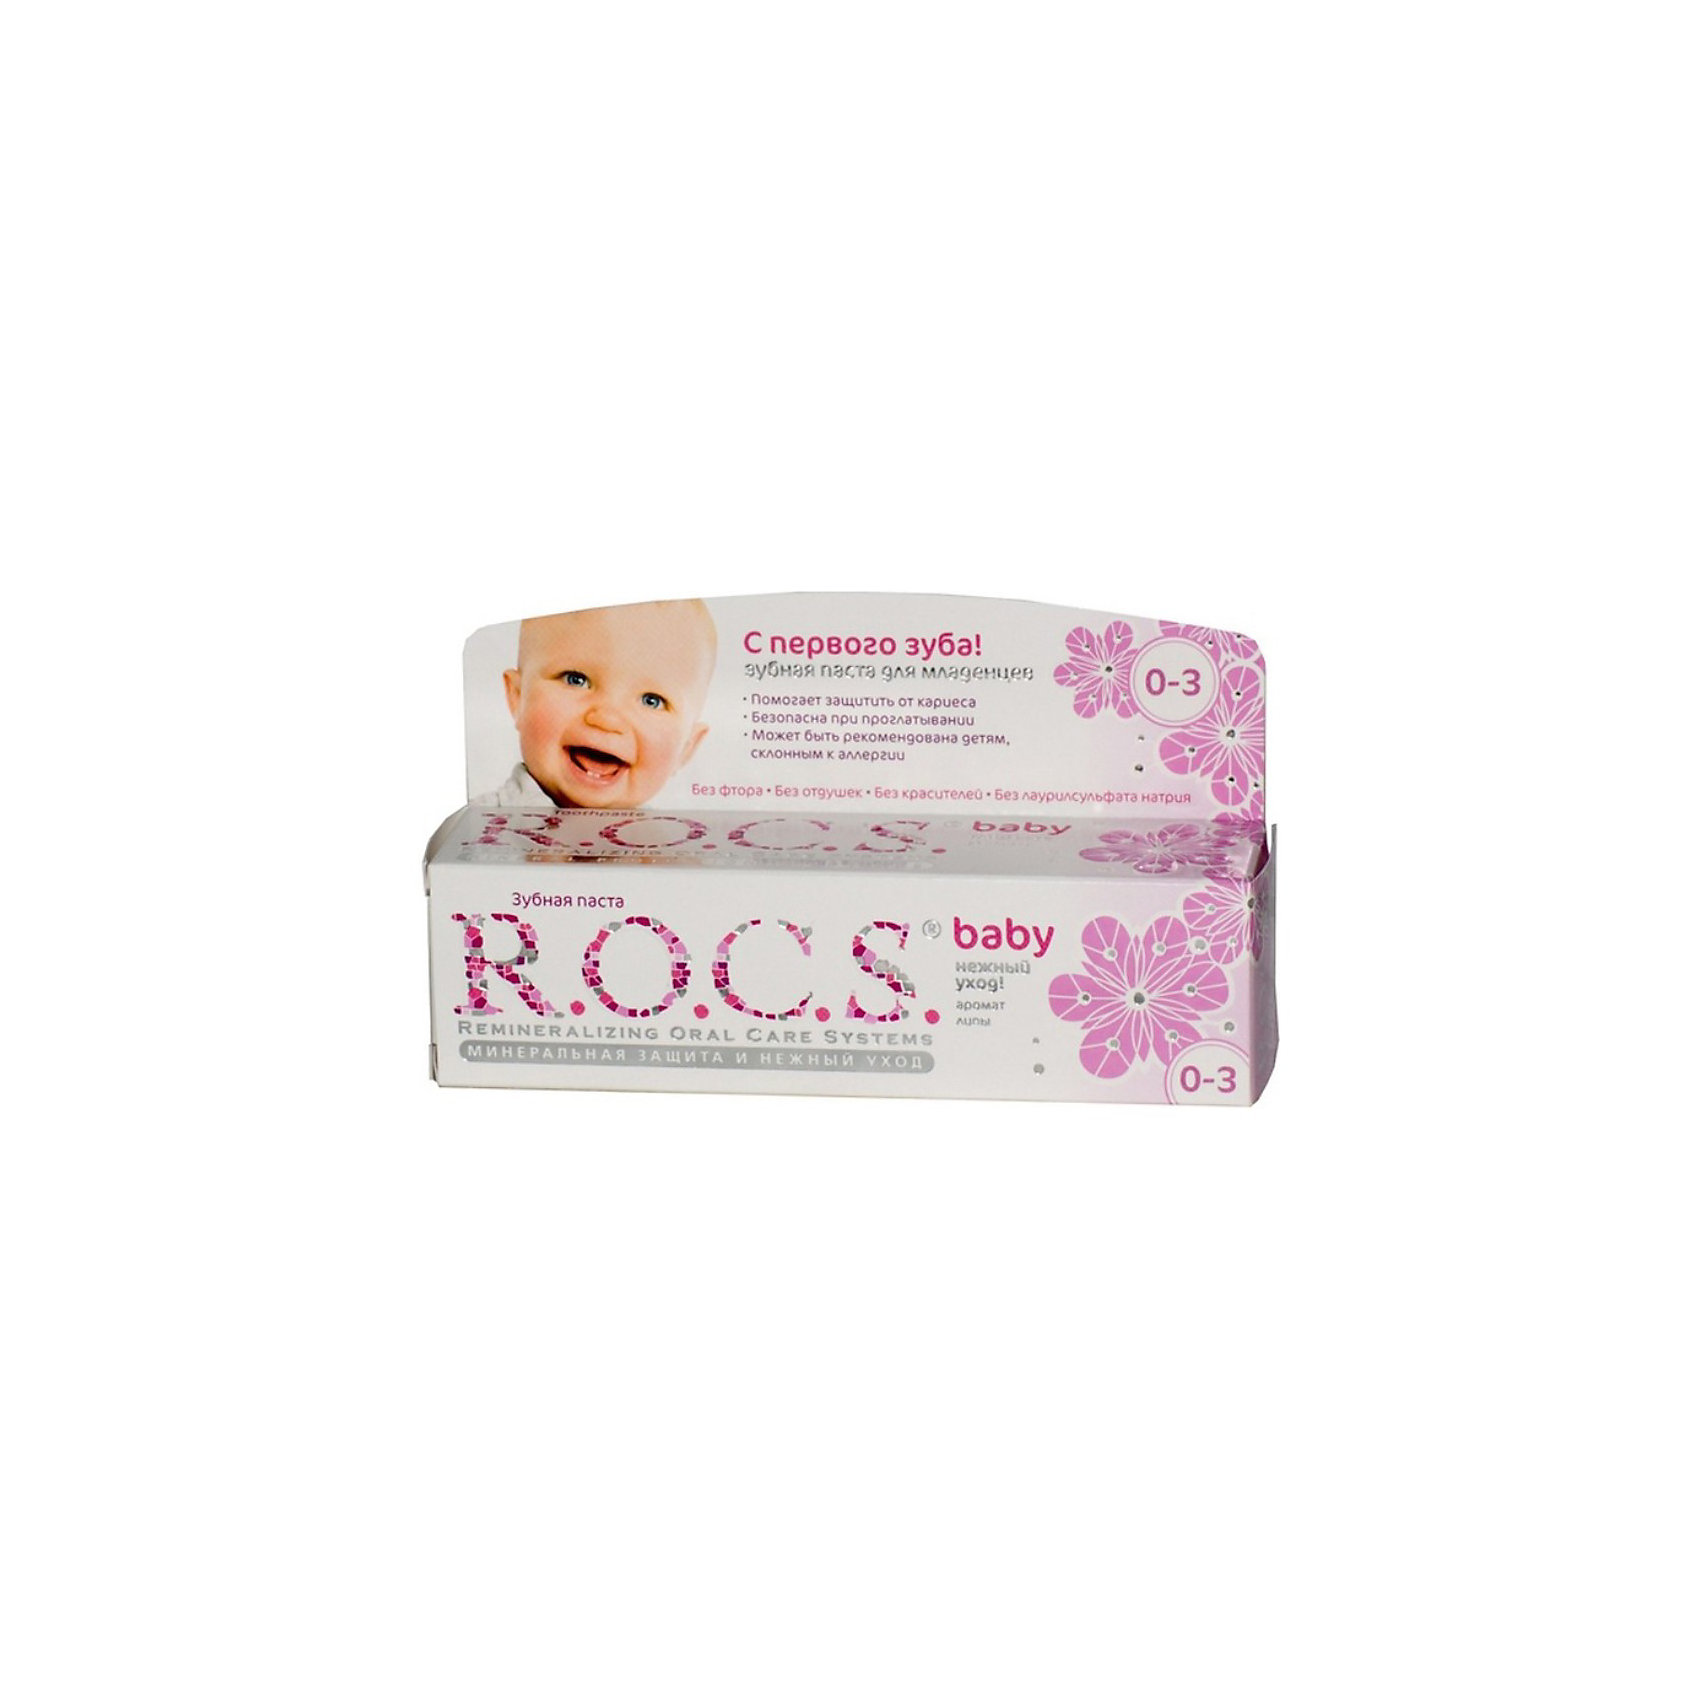 Зубная паста для малышей с ароматом липы, R.O.C.S., 45 гЗубные пасты<br>Зубная паста для малышей с ароматом липы, R.O.C.S.  (РОКС) предназначена для ухода за зубами малышей, начиная с самого раннего возраста. Формула этой зубной пасты практически полностью построена на БИО-компонентах растительного происхождения, активность которых сохраняется благодаря низкотемпературной технологии приготовления продукта, что делает их максимально эффективными, а также безопасными при проглатывании. Благодаря высокой концентрации ксилита обеспечивает высокую степень защиты от кариеса, а также обладает свойствами пребиотика, нормализуя состав микрофлоры полости рта. Экстракт липы помогает снизить воспаление десен и уменьшить дискомфорт во время прорезывания зубов.<br><br>Дополнительная информация:<br><br>- Укрепляет зубы;<br>- Защищает от кариеса;<br>- Защищает десну от воспаления;<br>- В состав входит ксилит и экстракт липы, которые оказывают противовоспалительное действие и защищают от кариеса хрупкие молочные зубы;<br>- Способствует нормализации микробного баланса в полости рта;<br>- Благодаря противомикробным свойствам экстрактов данный продукт не требует применения сильных консервантов и особых условий хранения;<br>- Гипоаллергенна;<br>- Безопасна при проглатывании;<br>- Не содержит: фтора, парабенов, лаурилсульфата натрия, красителей, антисептиков и отдушки;<br>- Вес: 45 г<br><br>Зубную пасту для малышей с ароматом липы, R.O.C.S. (РОКС), 45 г можно купить в нашем интернет-магазине.<br><br>Ширина мм: 37<br>Глубина мм: 132<br>Высота мм: 32<br>Вес г: 45<br>Возраст от месяцев: 0<br>Возраст до месяцев: 36<br>Пол: Унисекс<br>Возраст: Детский<br>SKU: 3663449